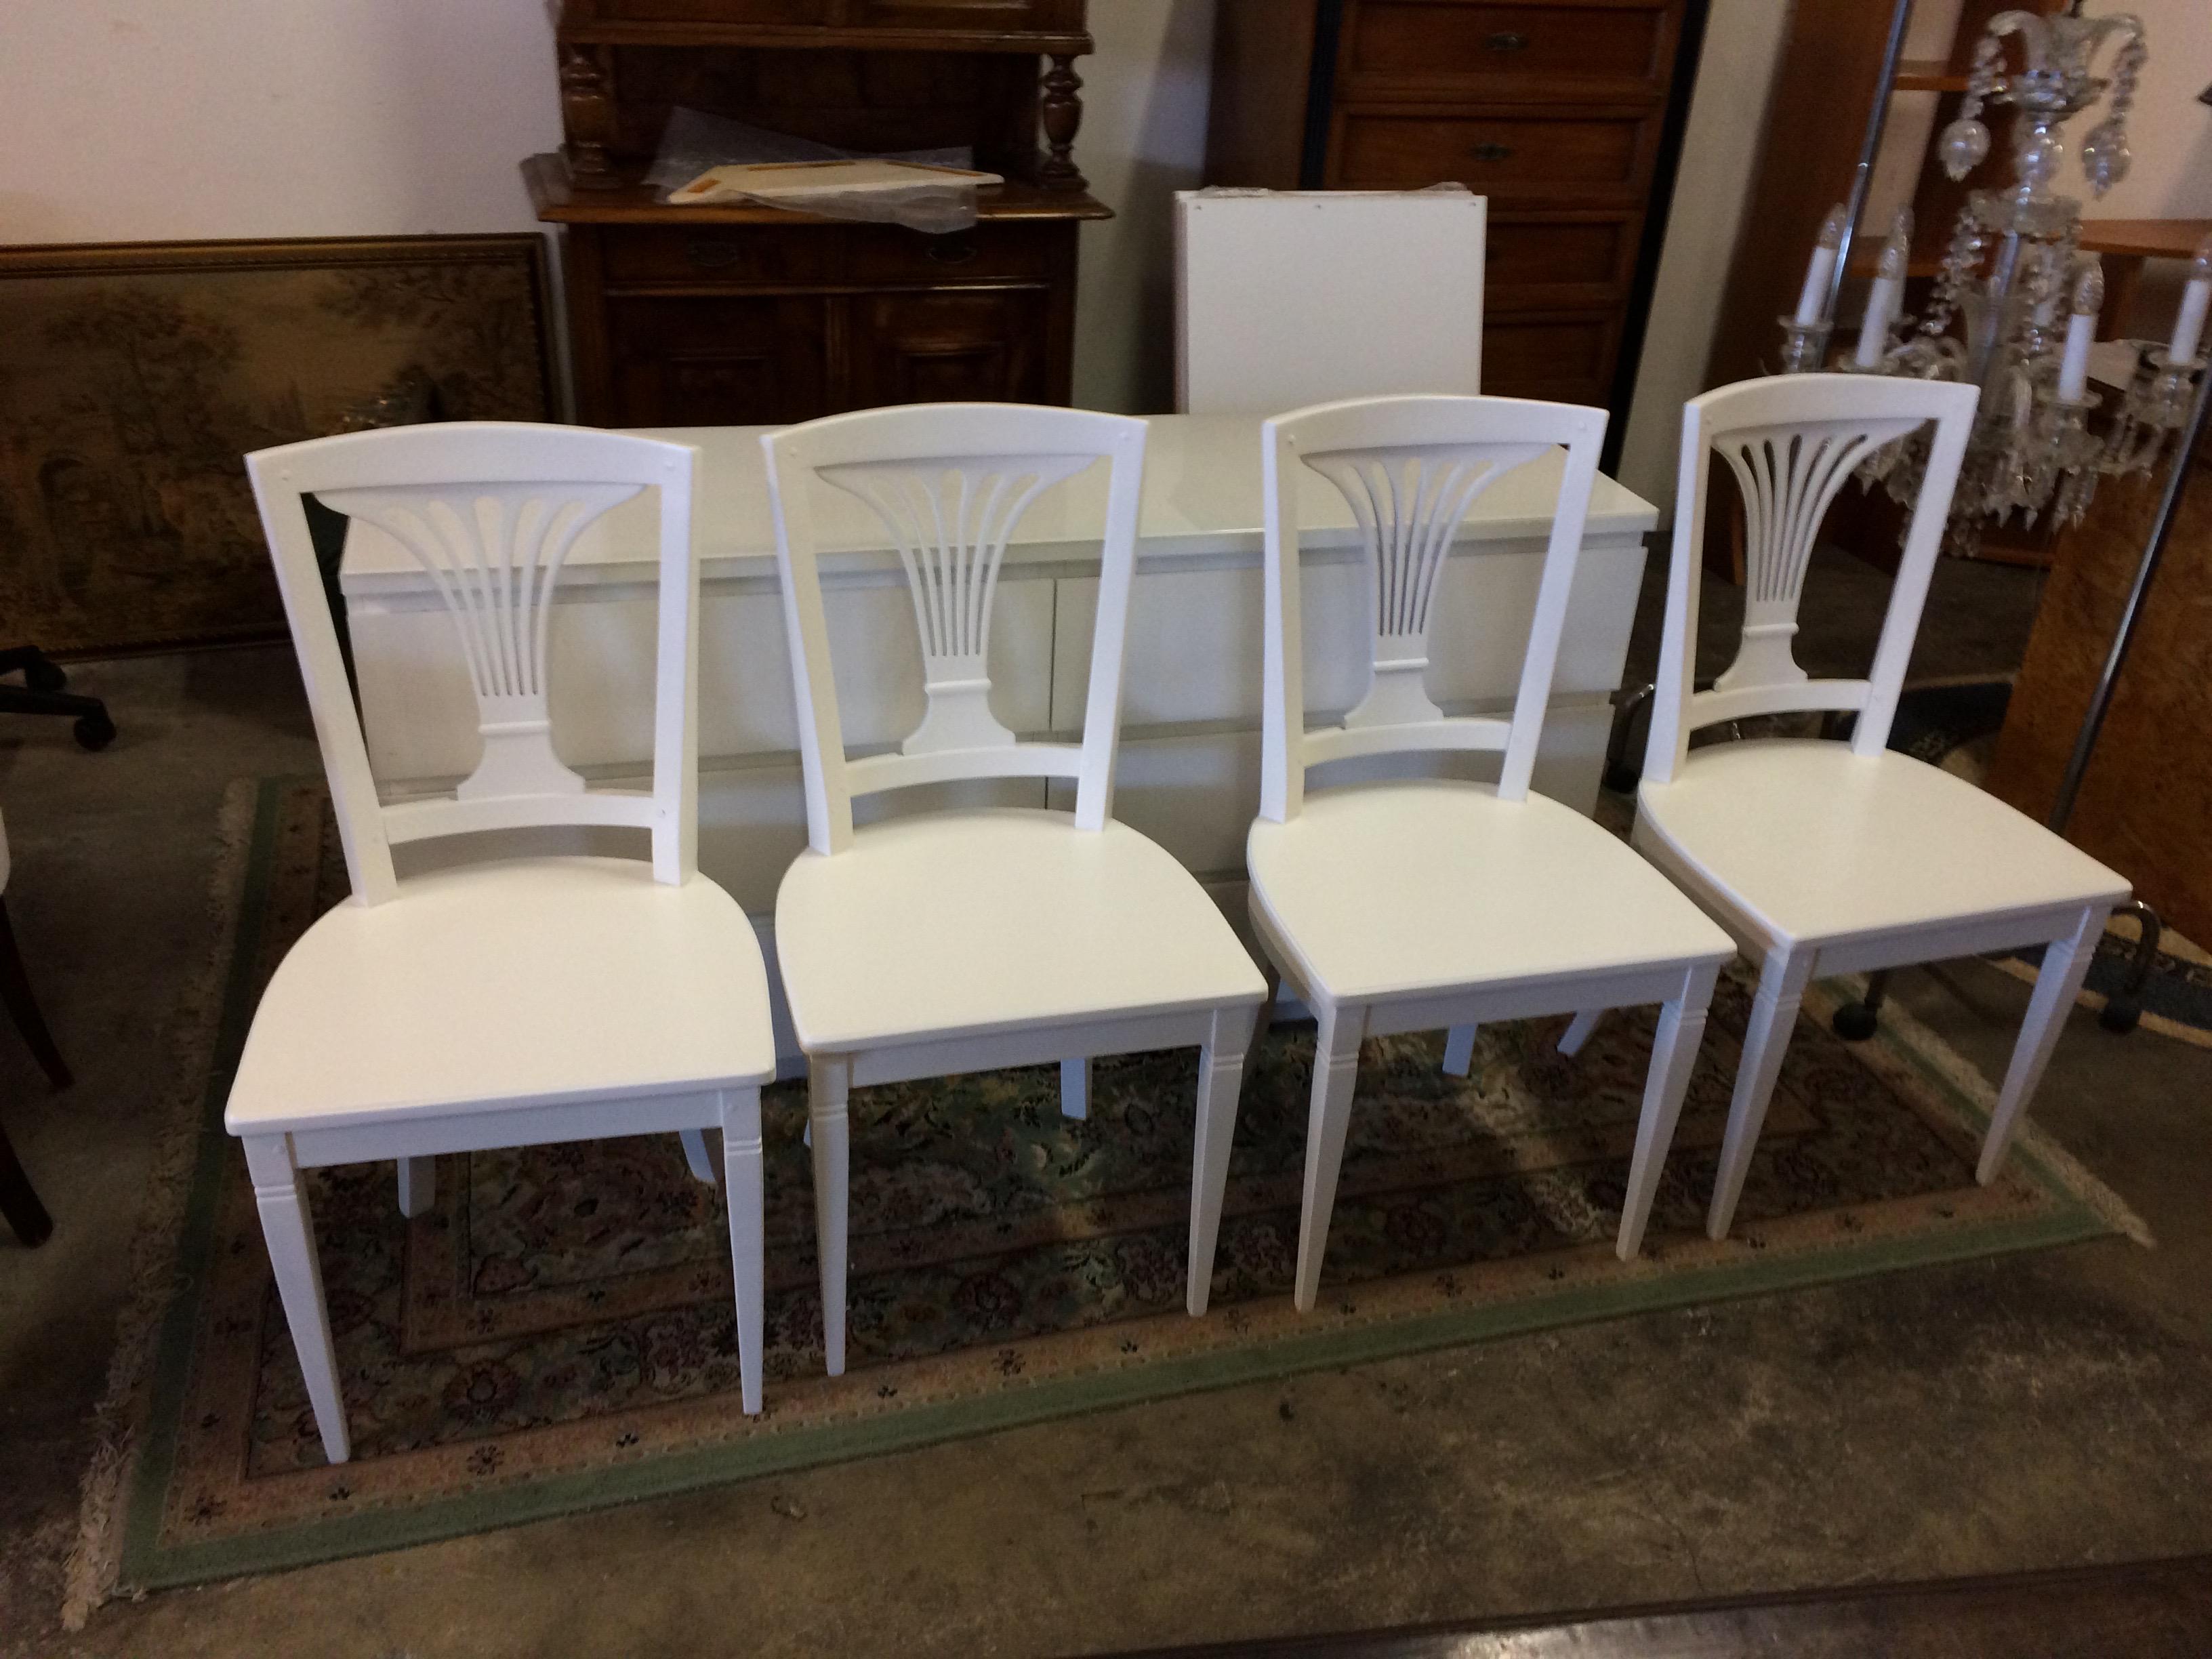 Sedie Bianche Usate : Sedie in legno bianche usate a treviso portobello vintage